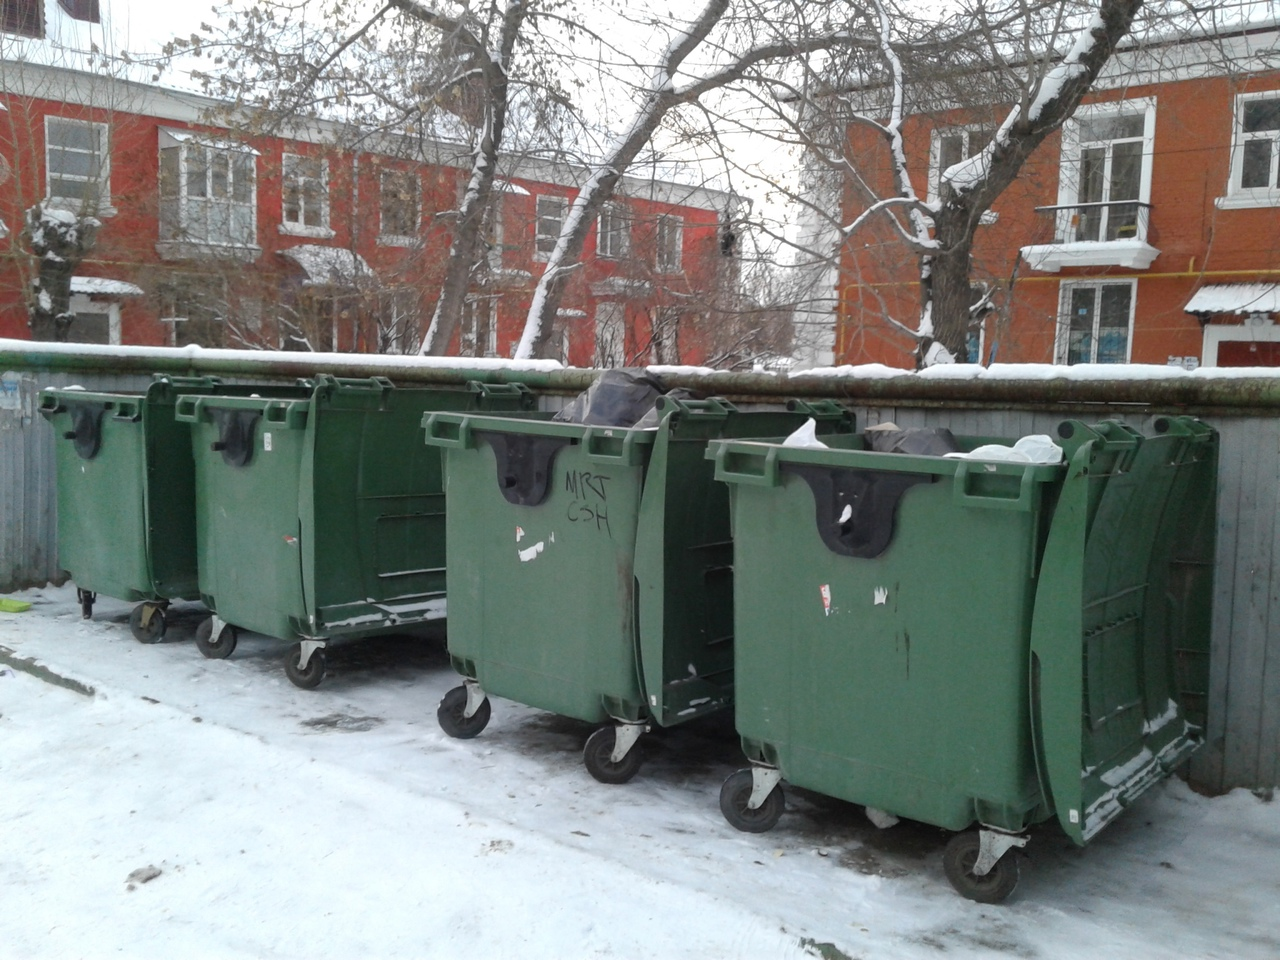 ФАС проверяет резкий рост тарифов на мусор в Омске #Новости #Общество #Омск